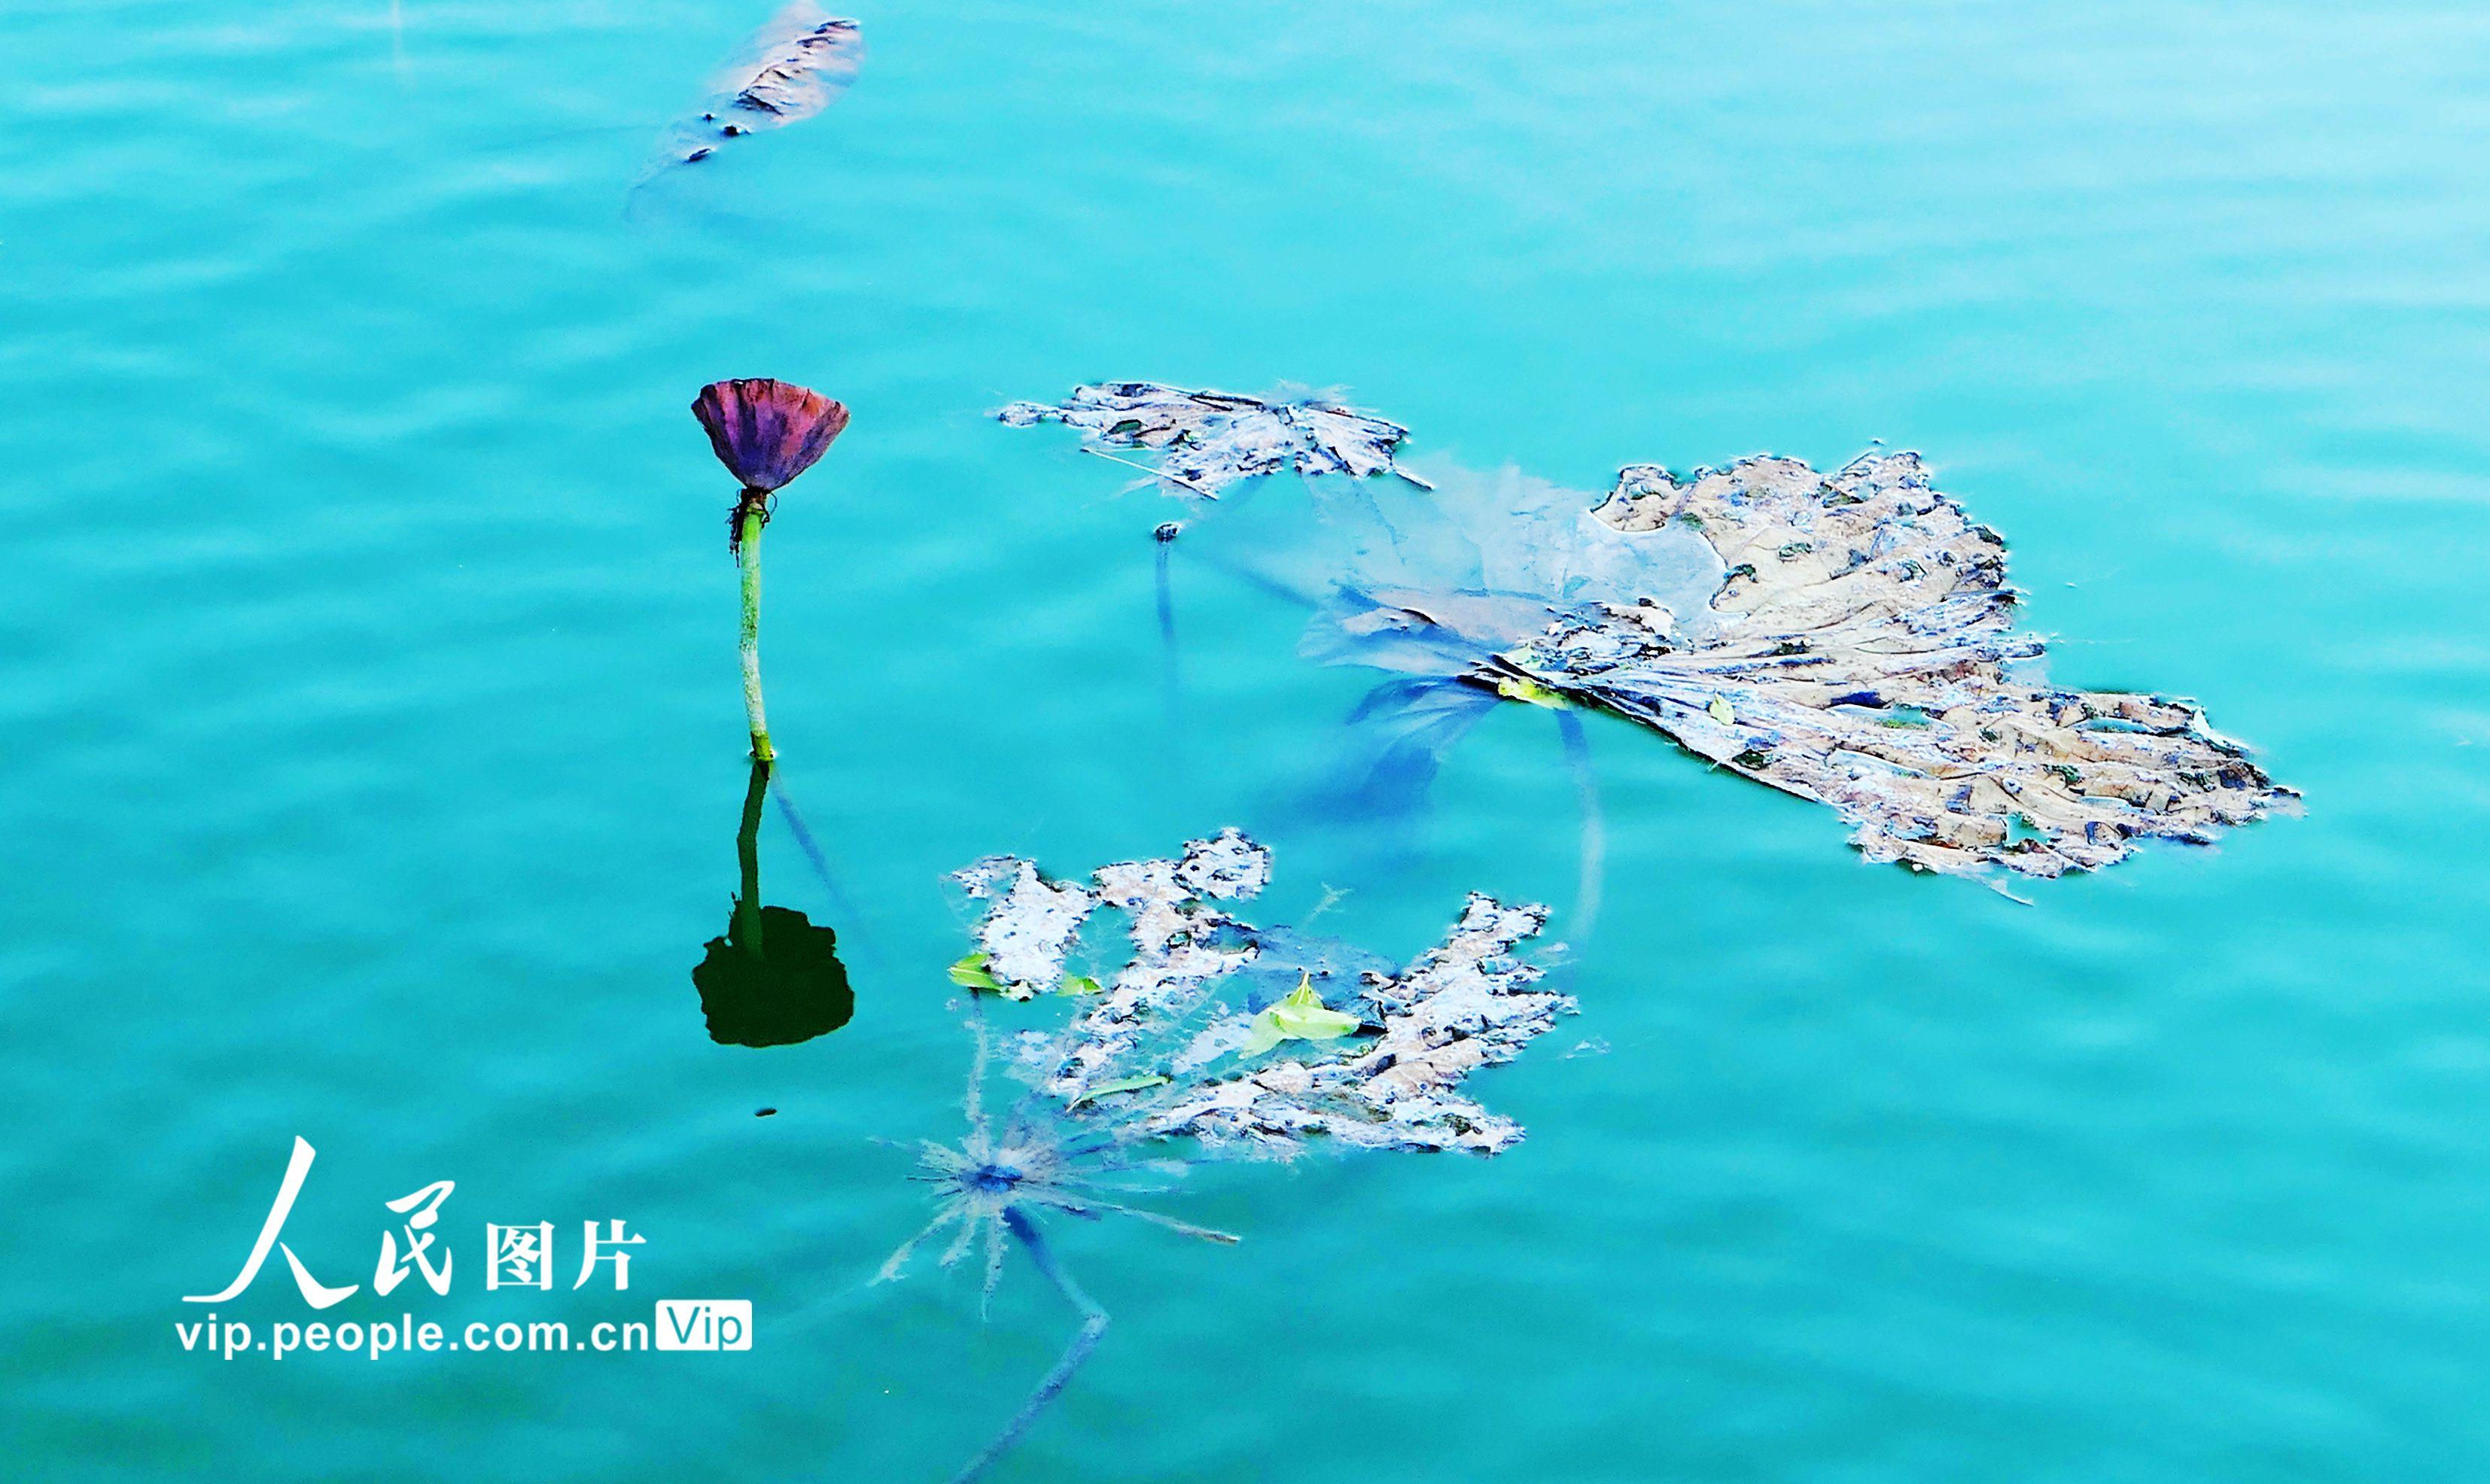 北京:颐和园初现迷人秋日美景